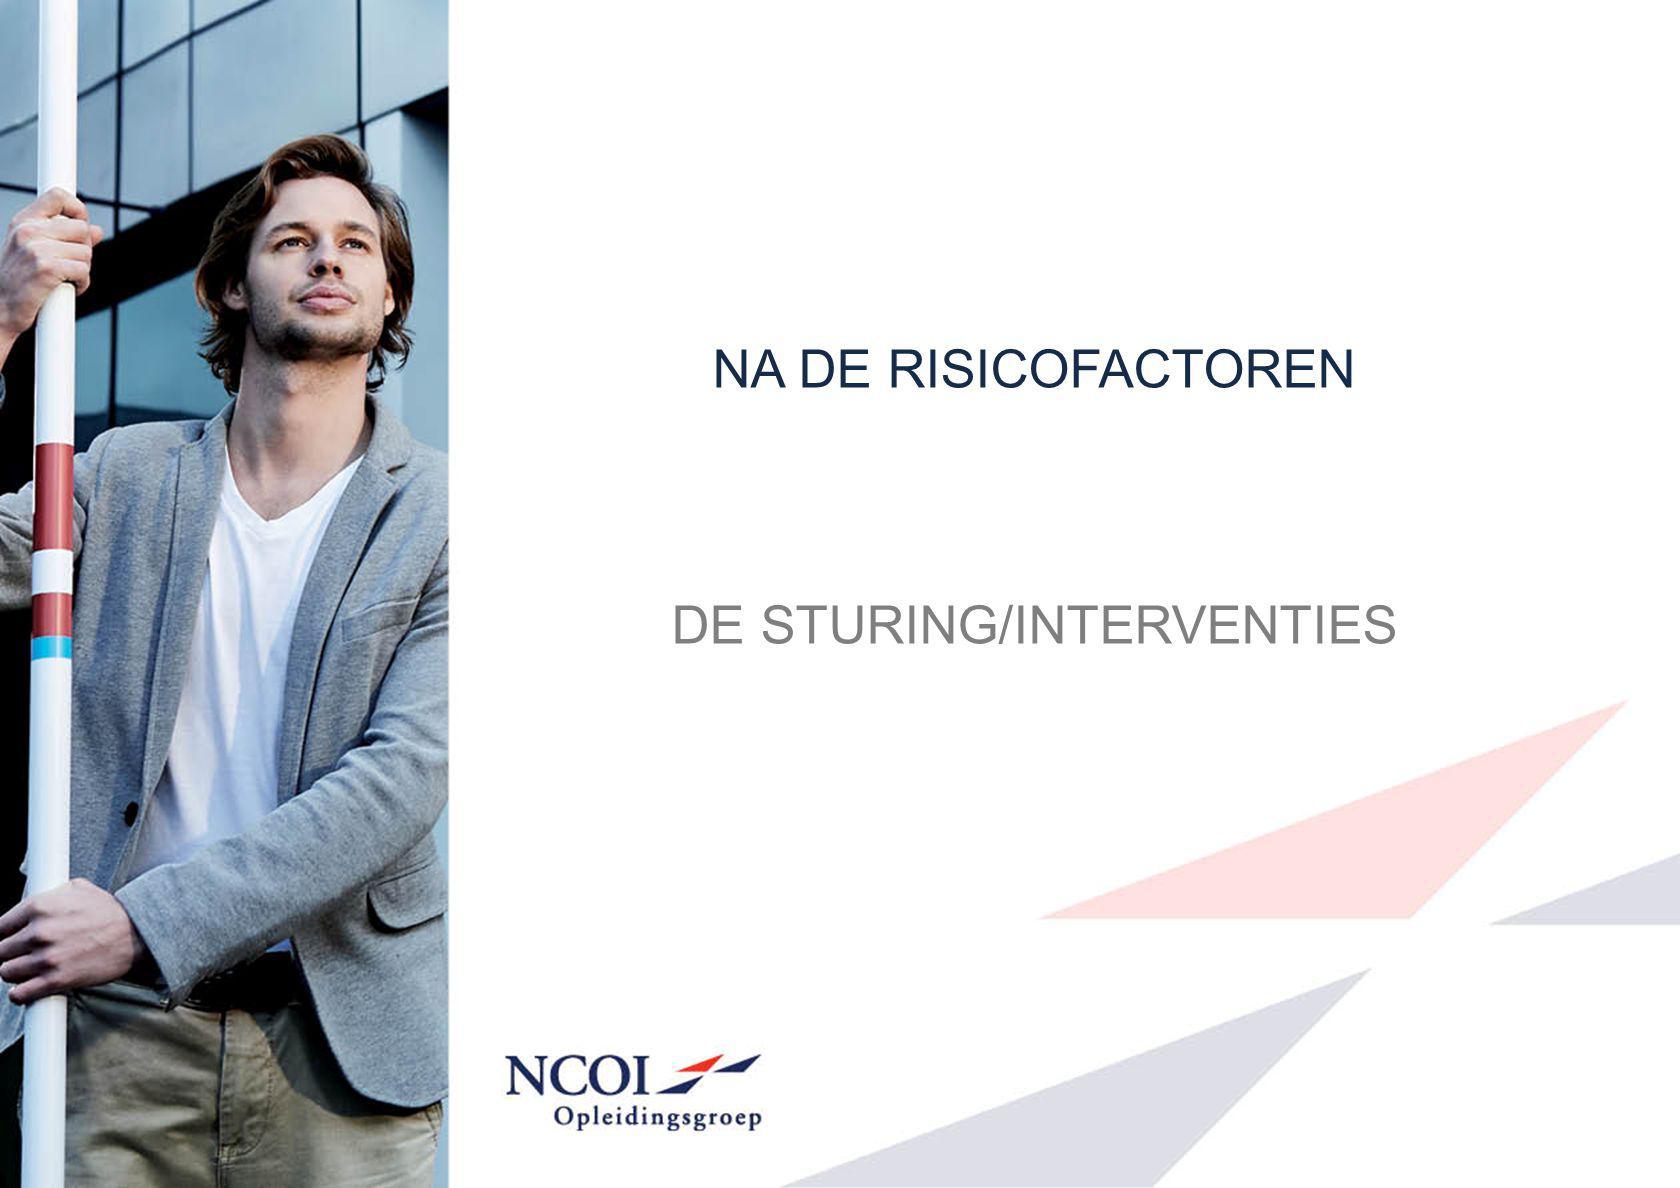 NA DE RISICOFACTOREN DE STURING/INTERVENTIES